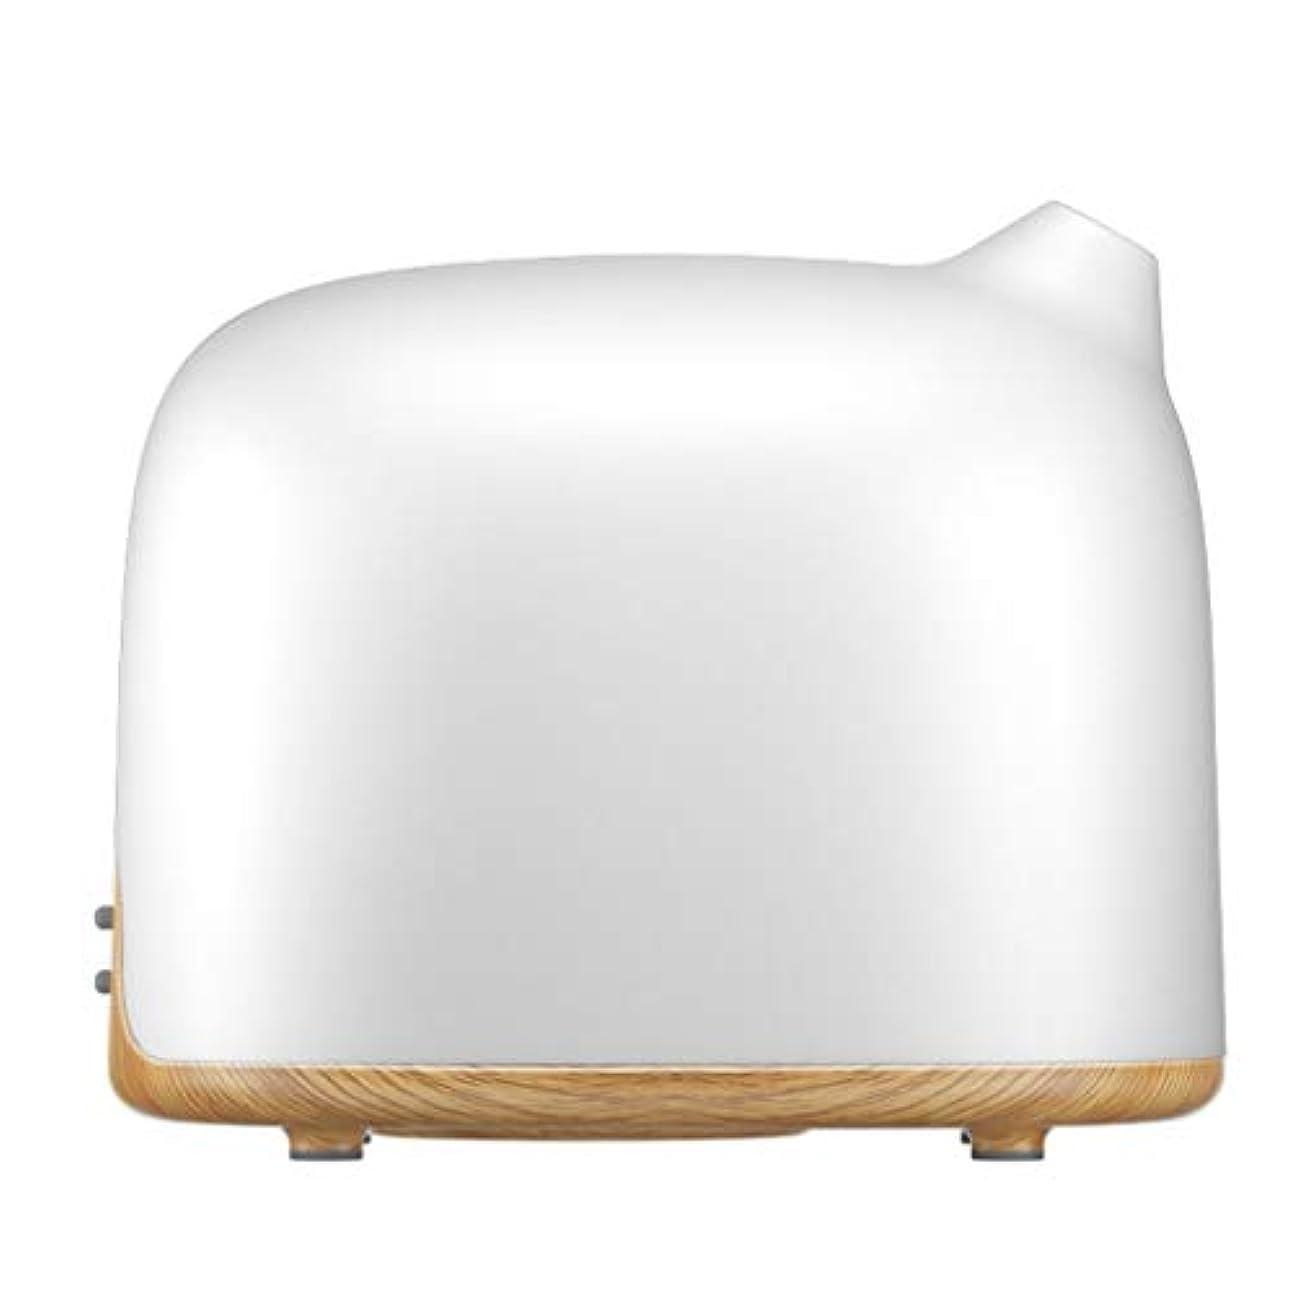 プーノファッションヤギ空気加湿器ホームサイレント寝室妊娠中の女性ベビーエアフォグ大容量ディフューザー (Color : Natural)